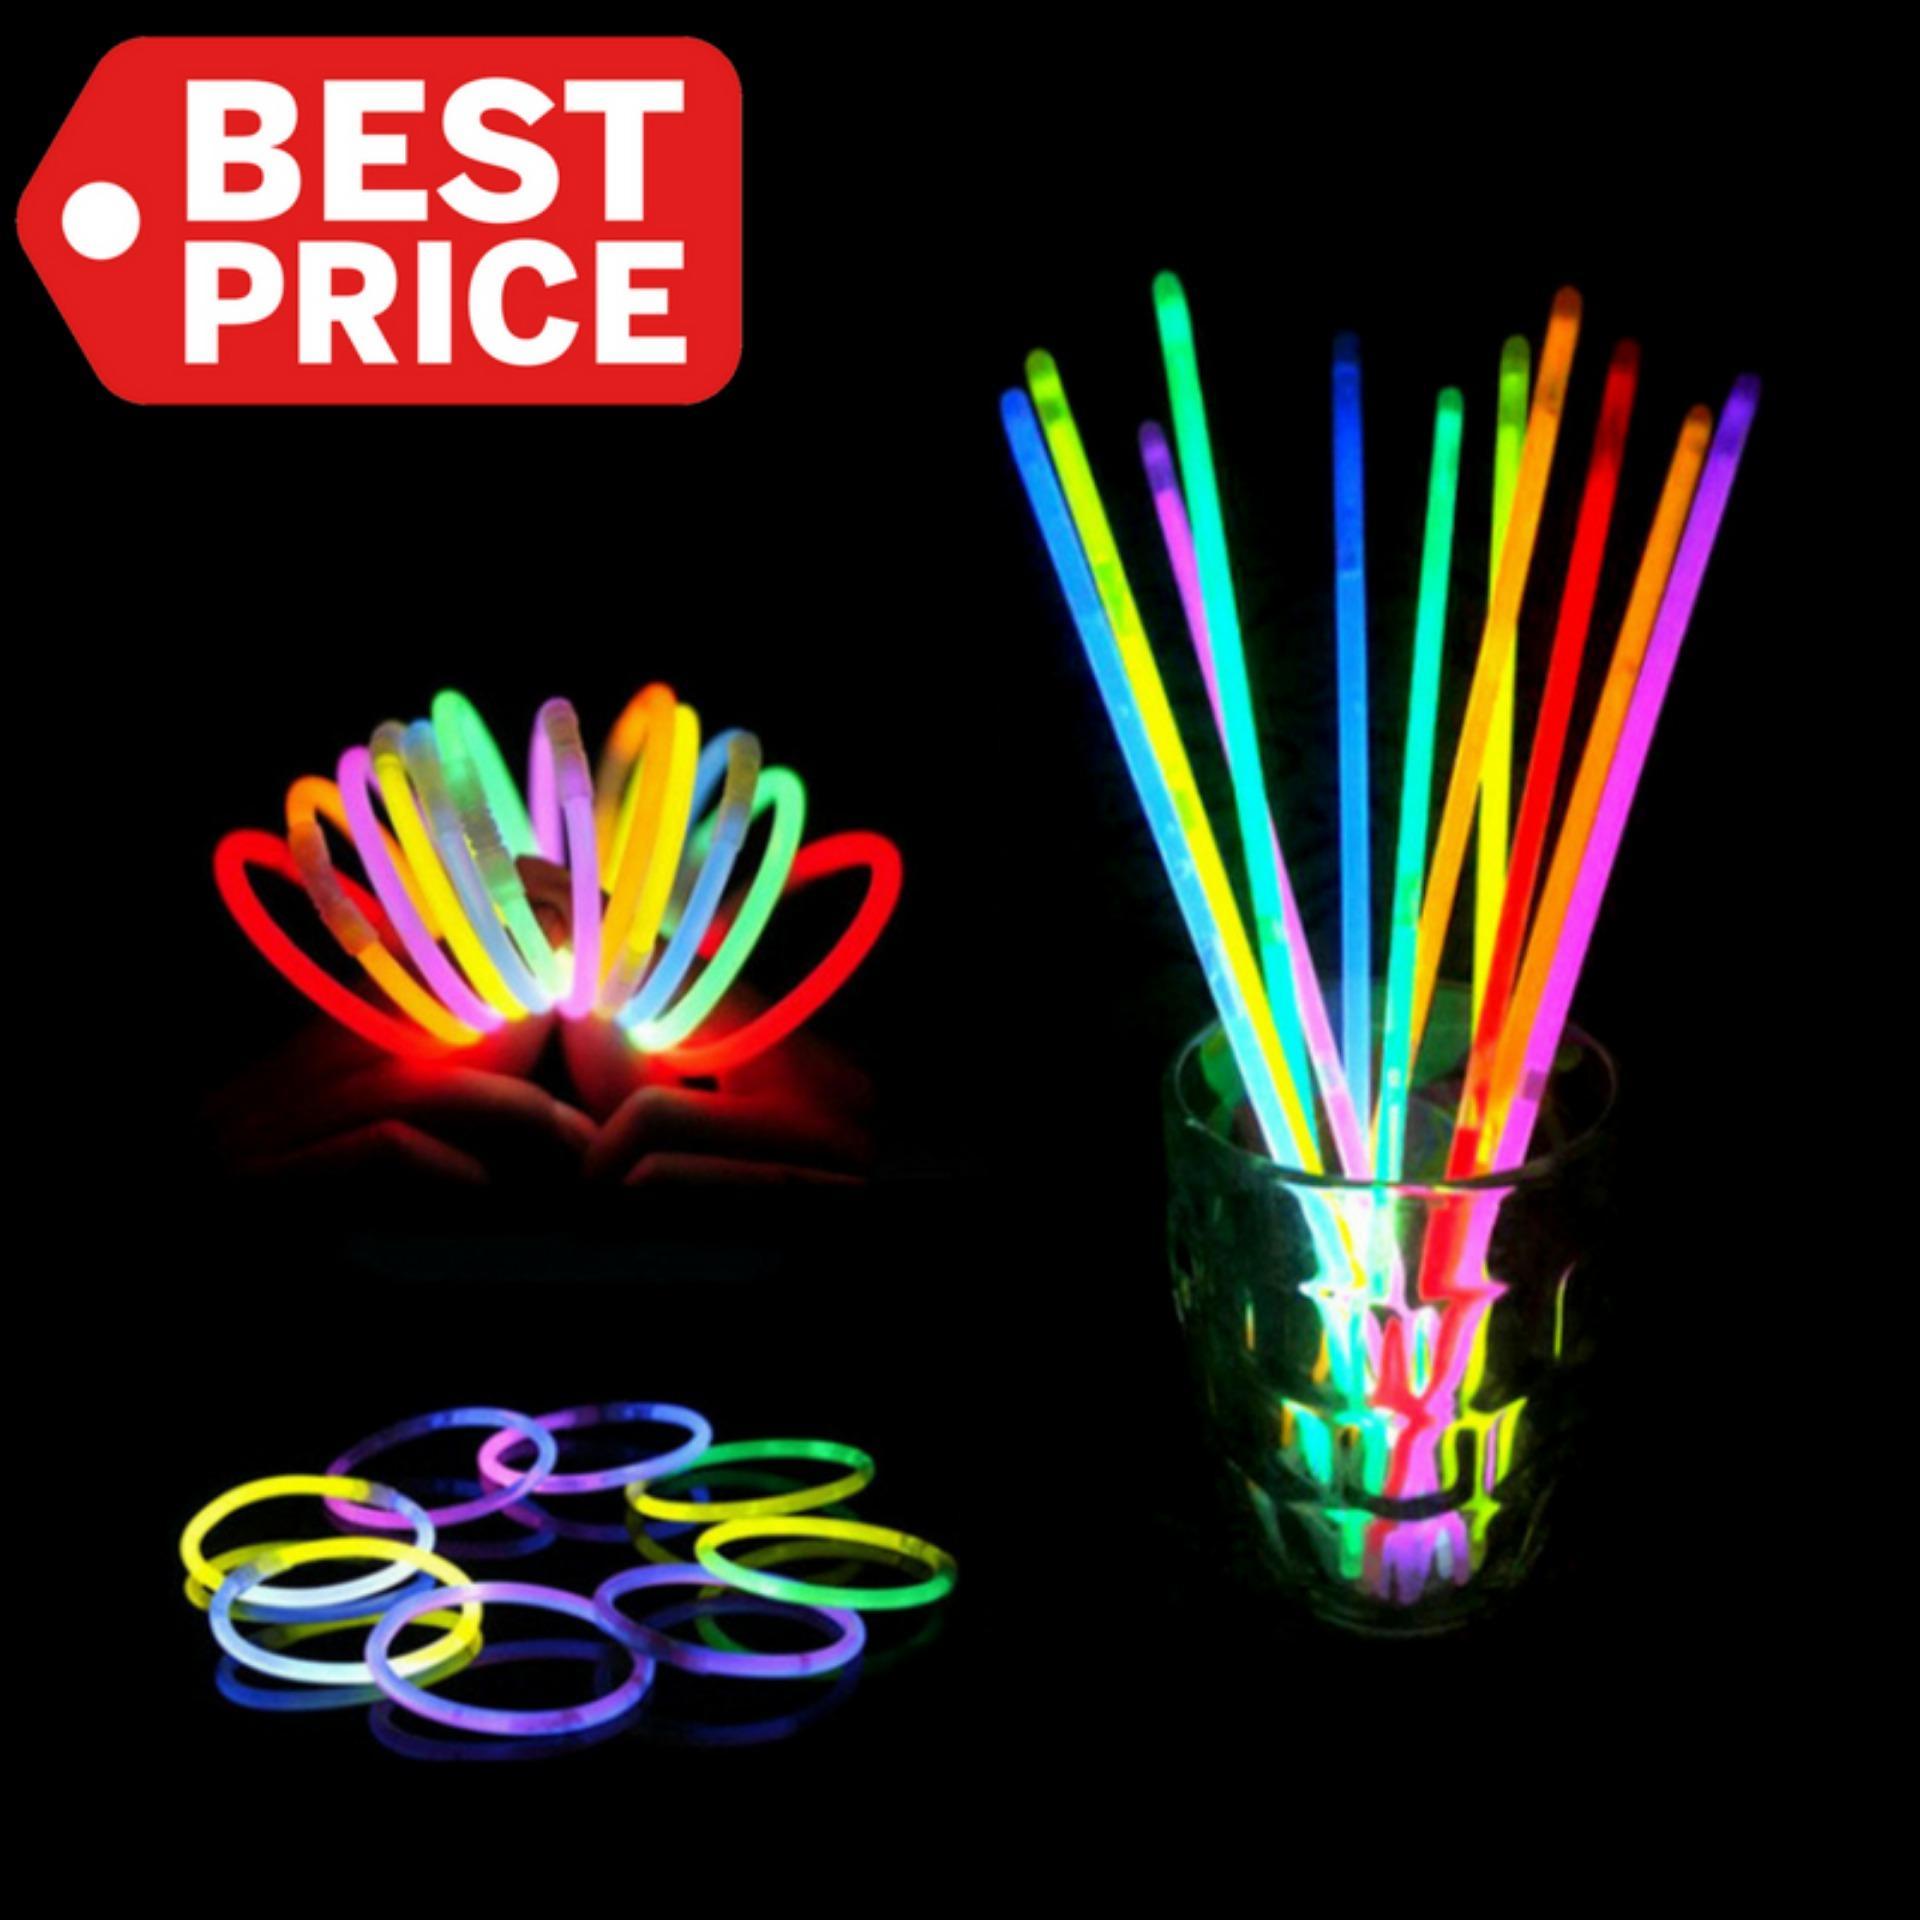 TOKO49 - Glow Stick Warna Warni 1 Tabung = 100 pcs Gelang Tongkat Fosfor